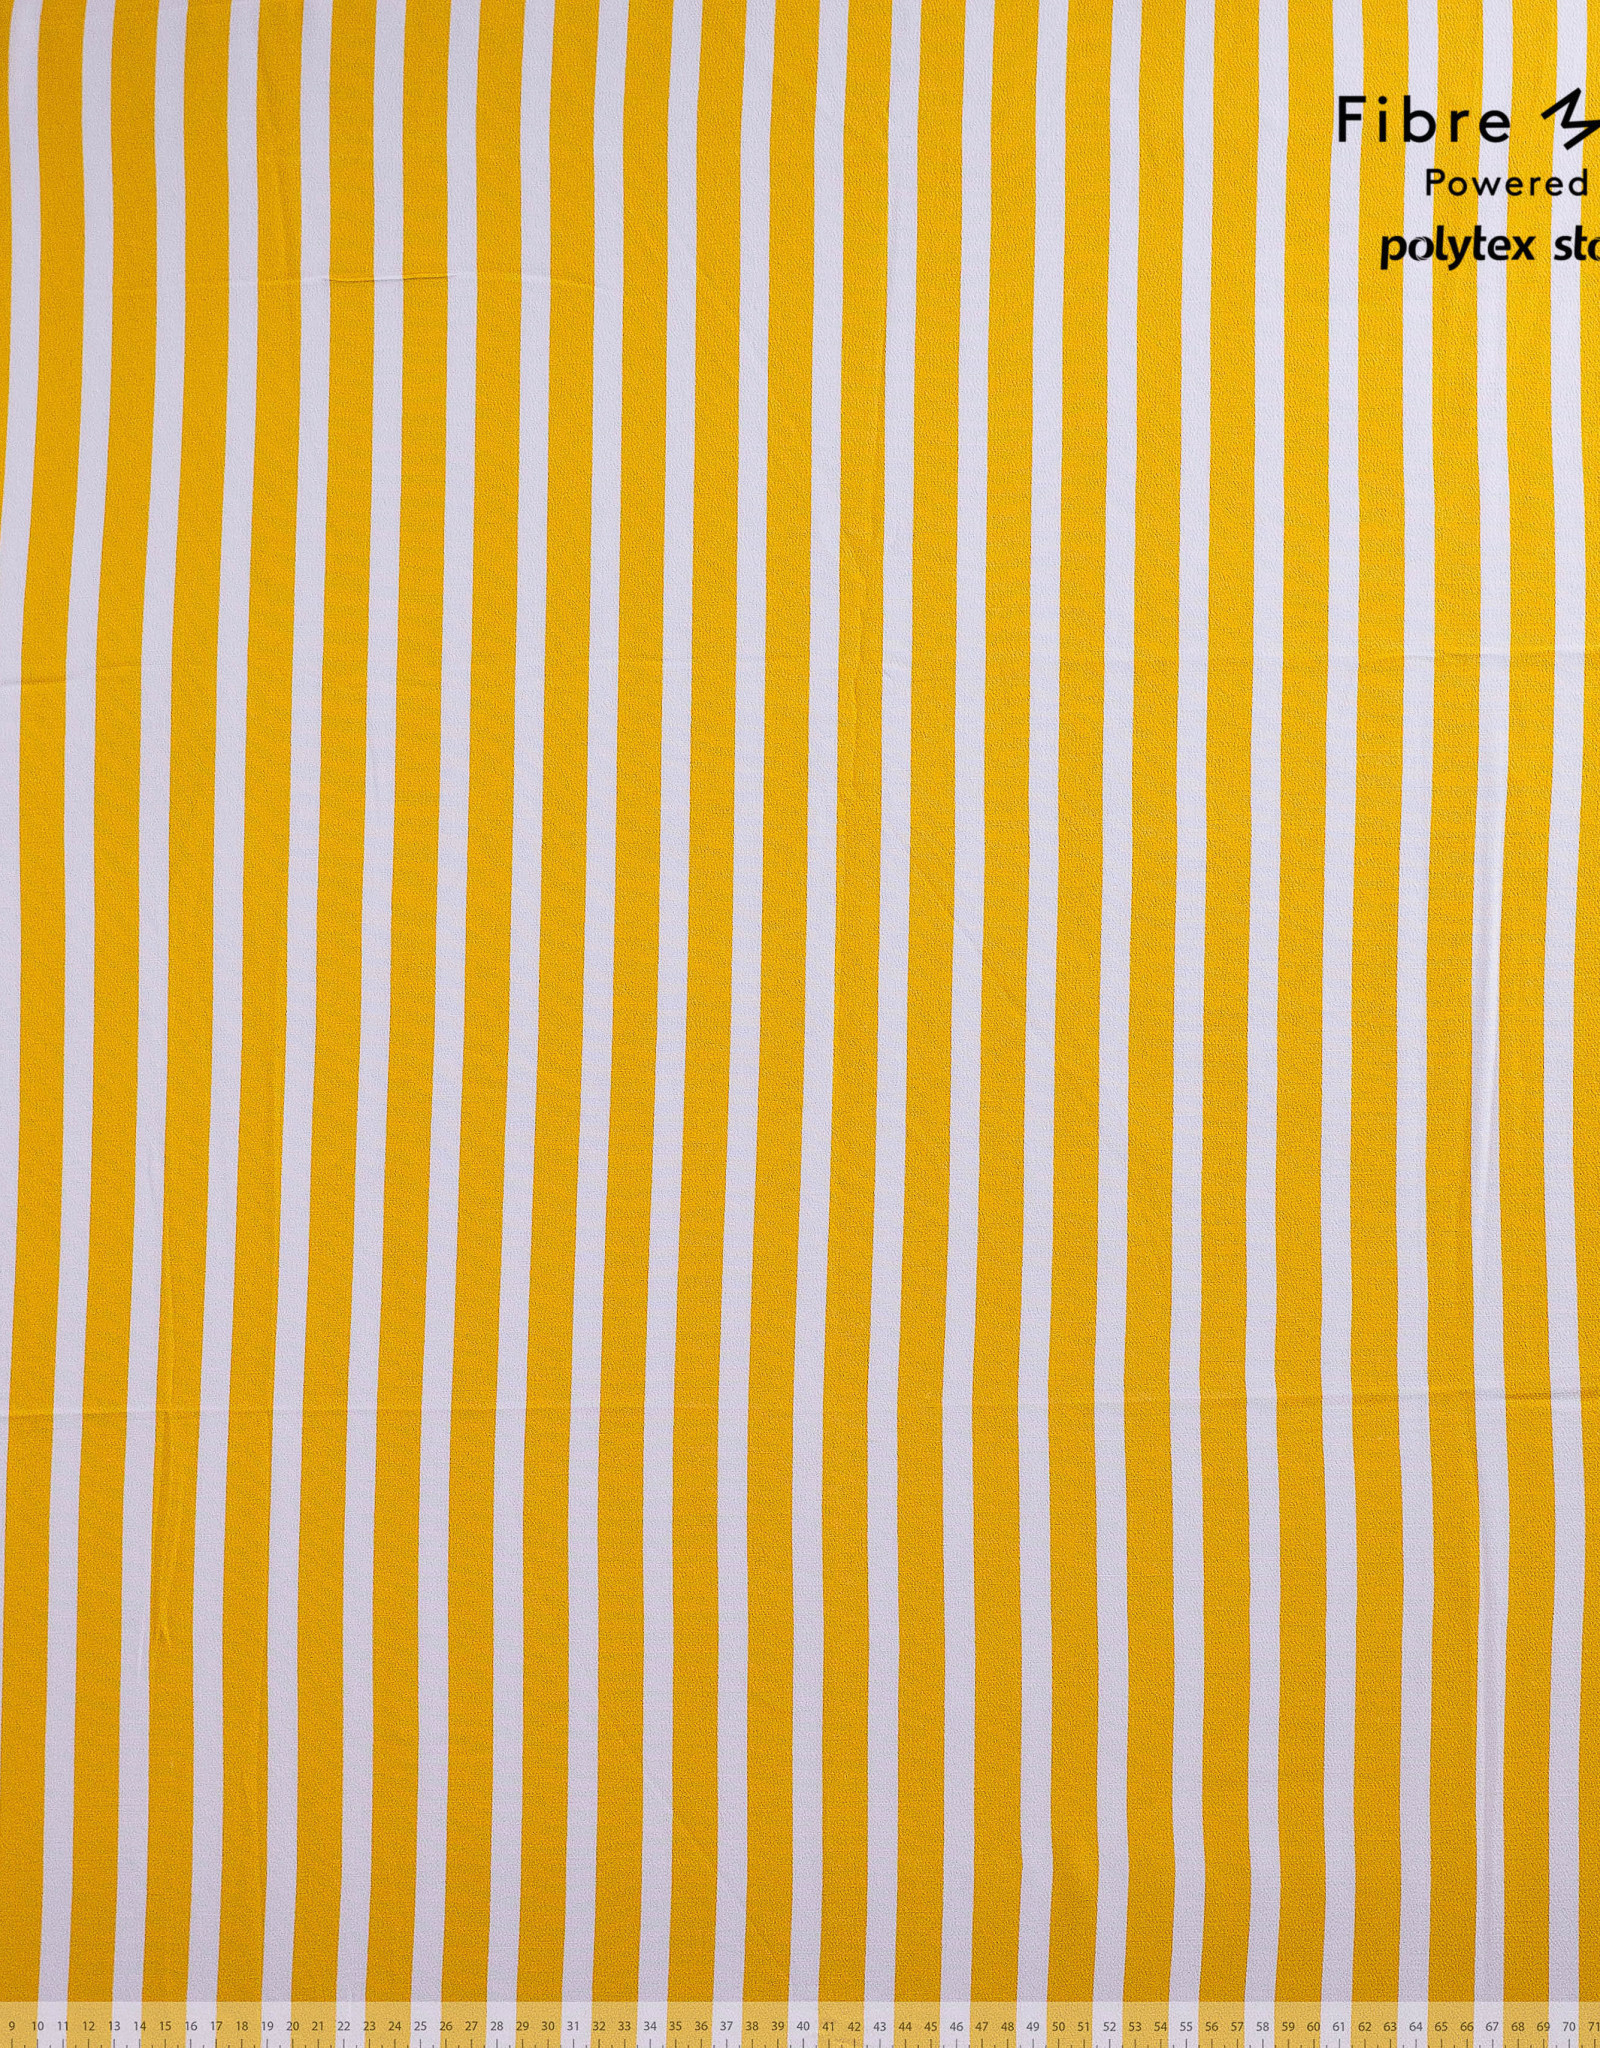 Fibre Mood Fibre Mood ed 14 Woven viscose crepe stripes geel en wit Aila